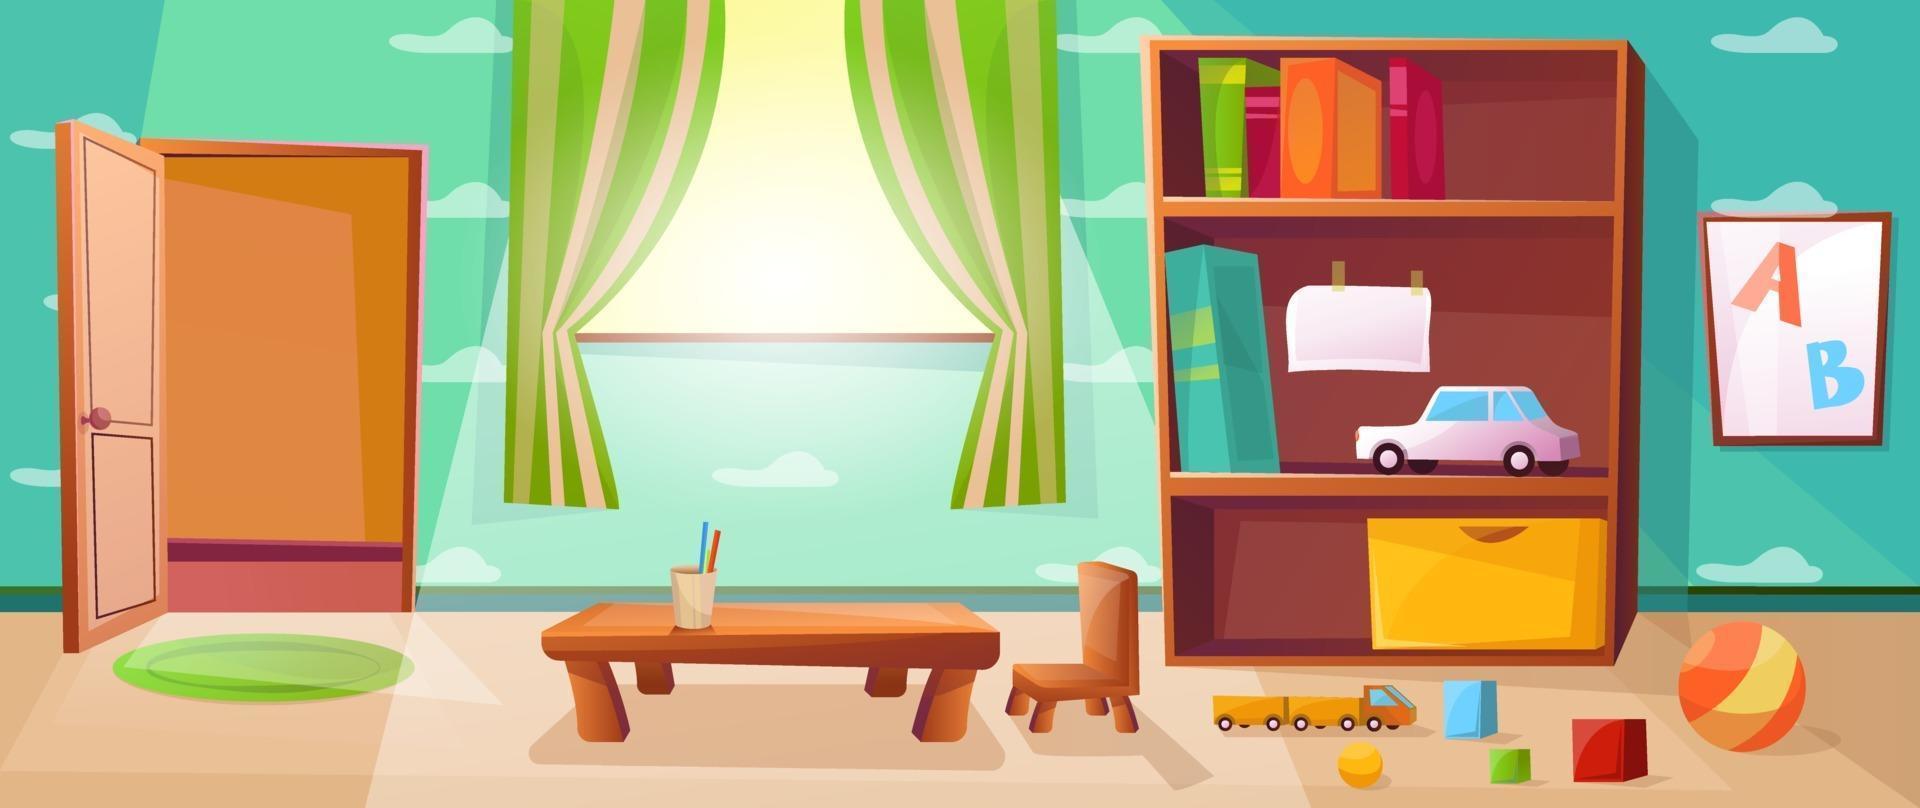 sala de juegos de jardín de infantes con juegos, juguetes, abc y puerta abierta. Clase de escuela primaria con ventana y mesa para niños o niños. papel tapiz con ilustración de nubes. vector